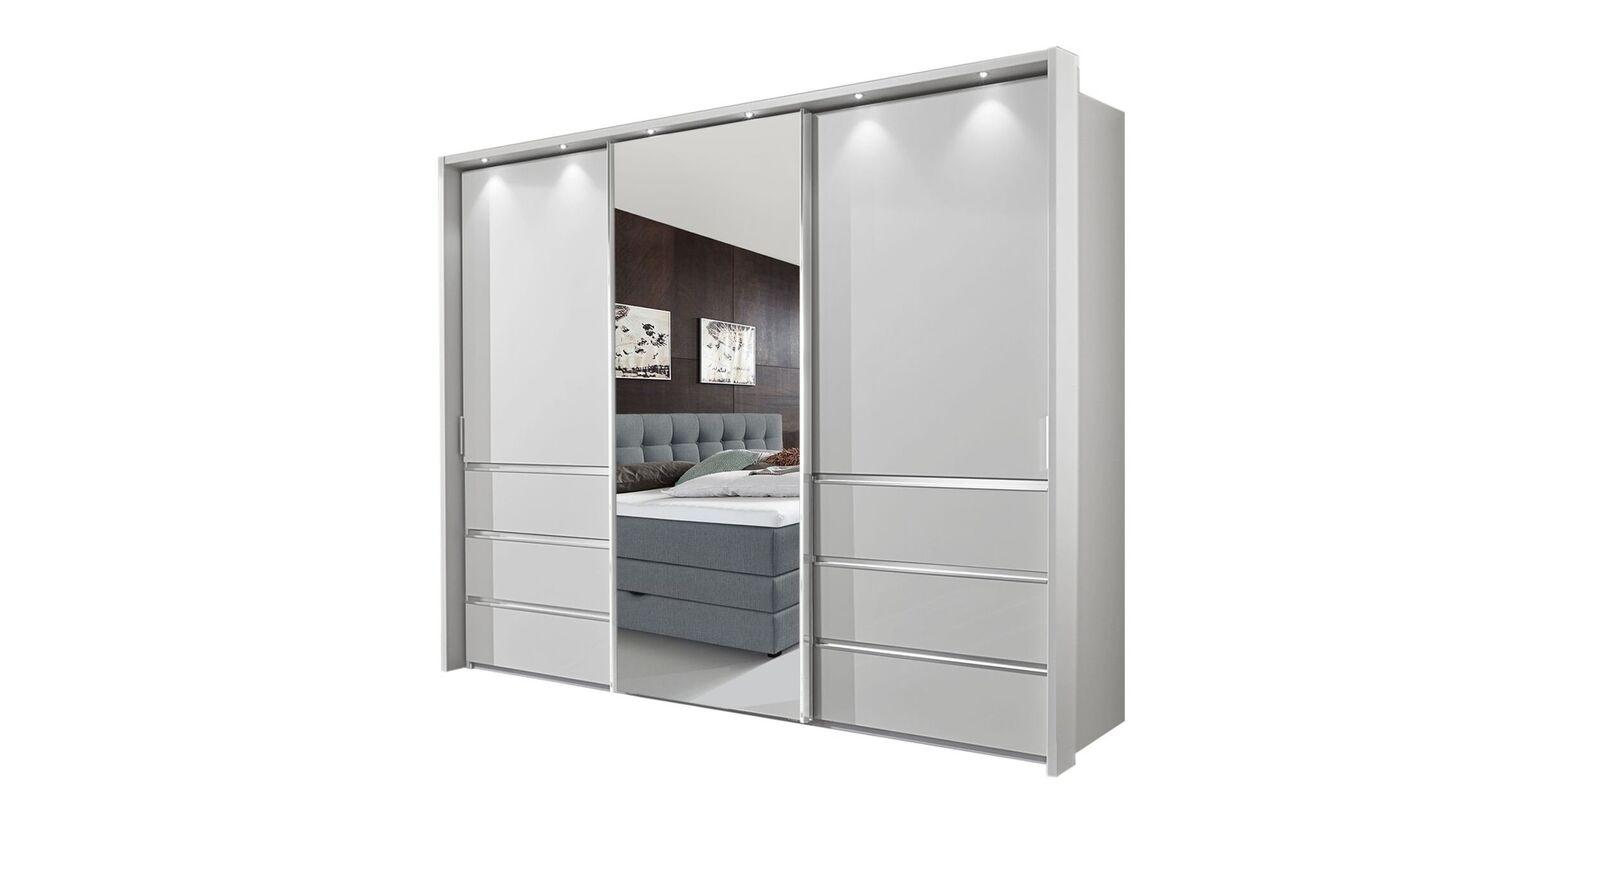 Spiegel-Schwebetüren-Kleiderschrank Tanaria in 250 cm Breite